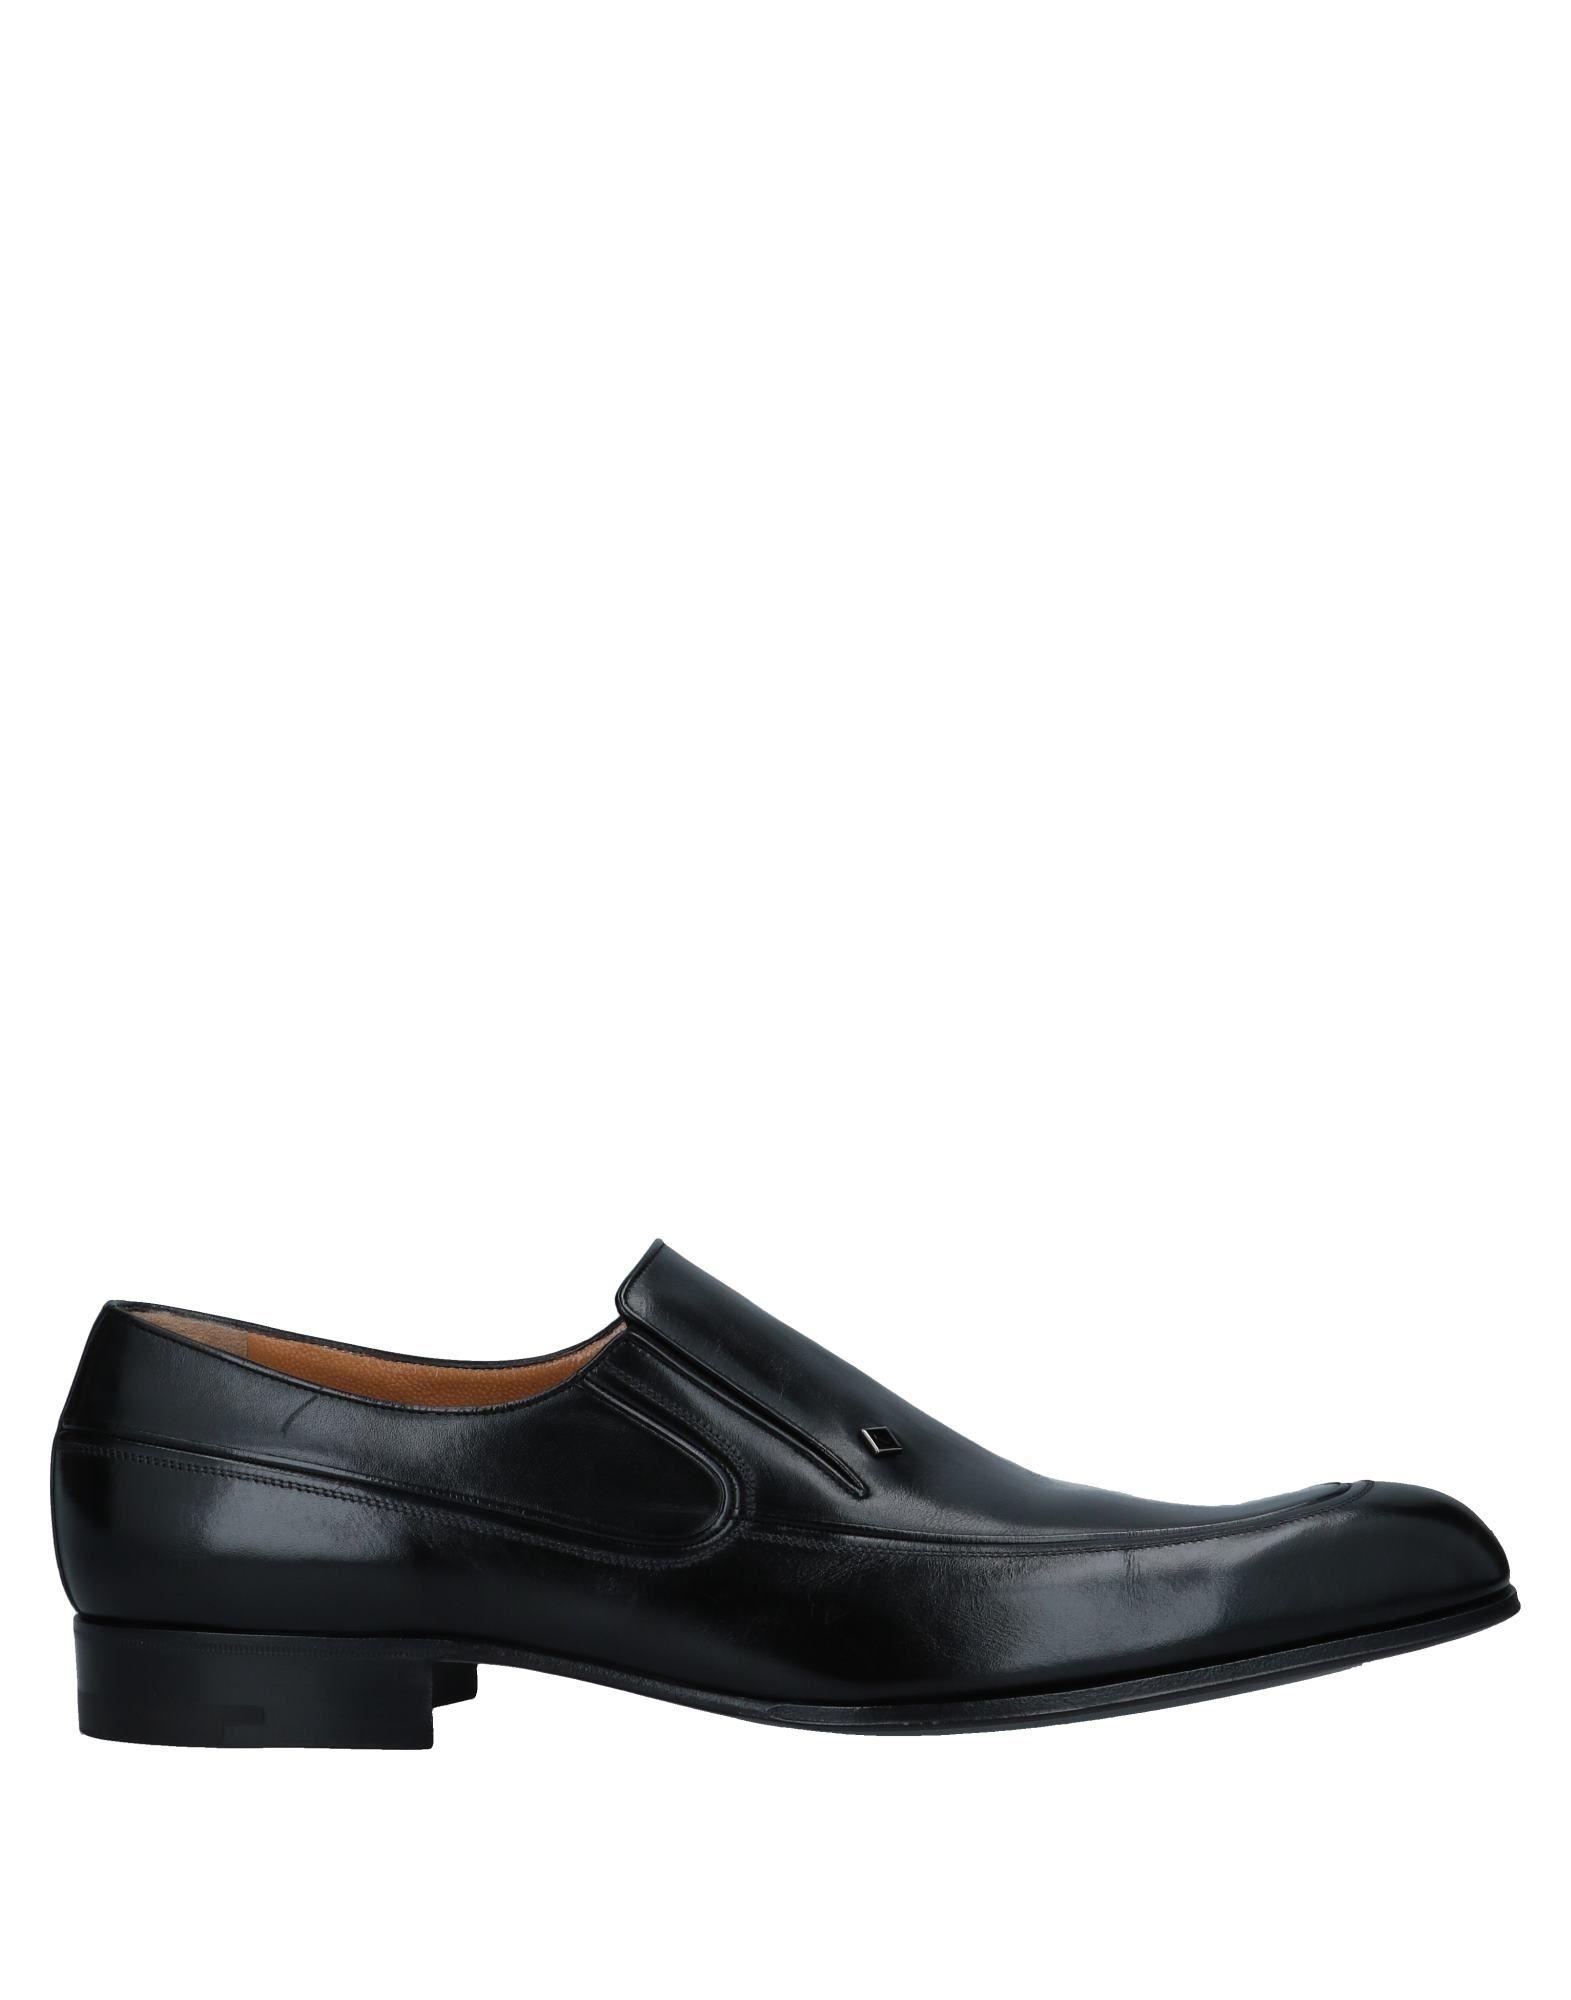 A.Testoni Mokassins Herren  11549943VR Gute Qualität beliebte Schuhe